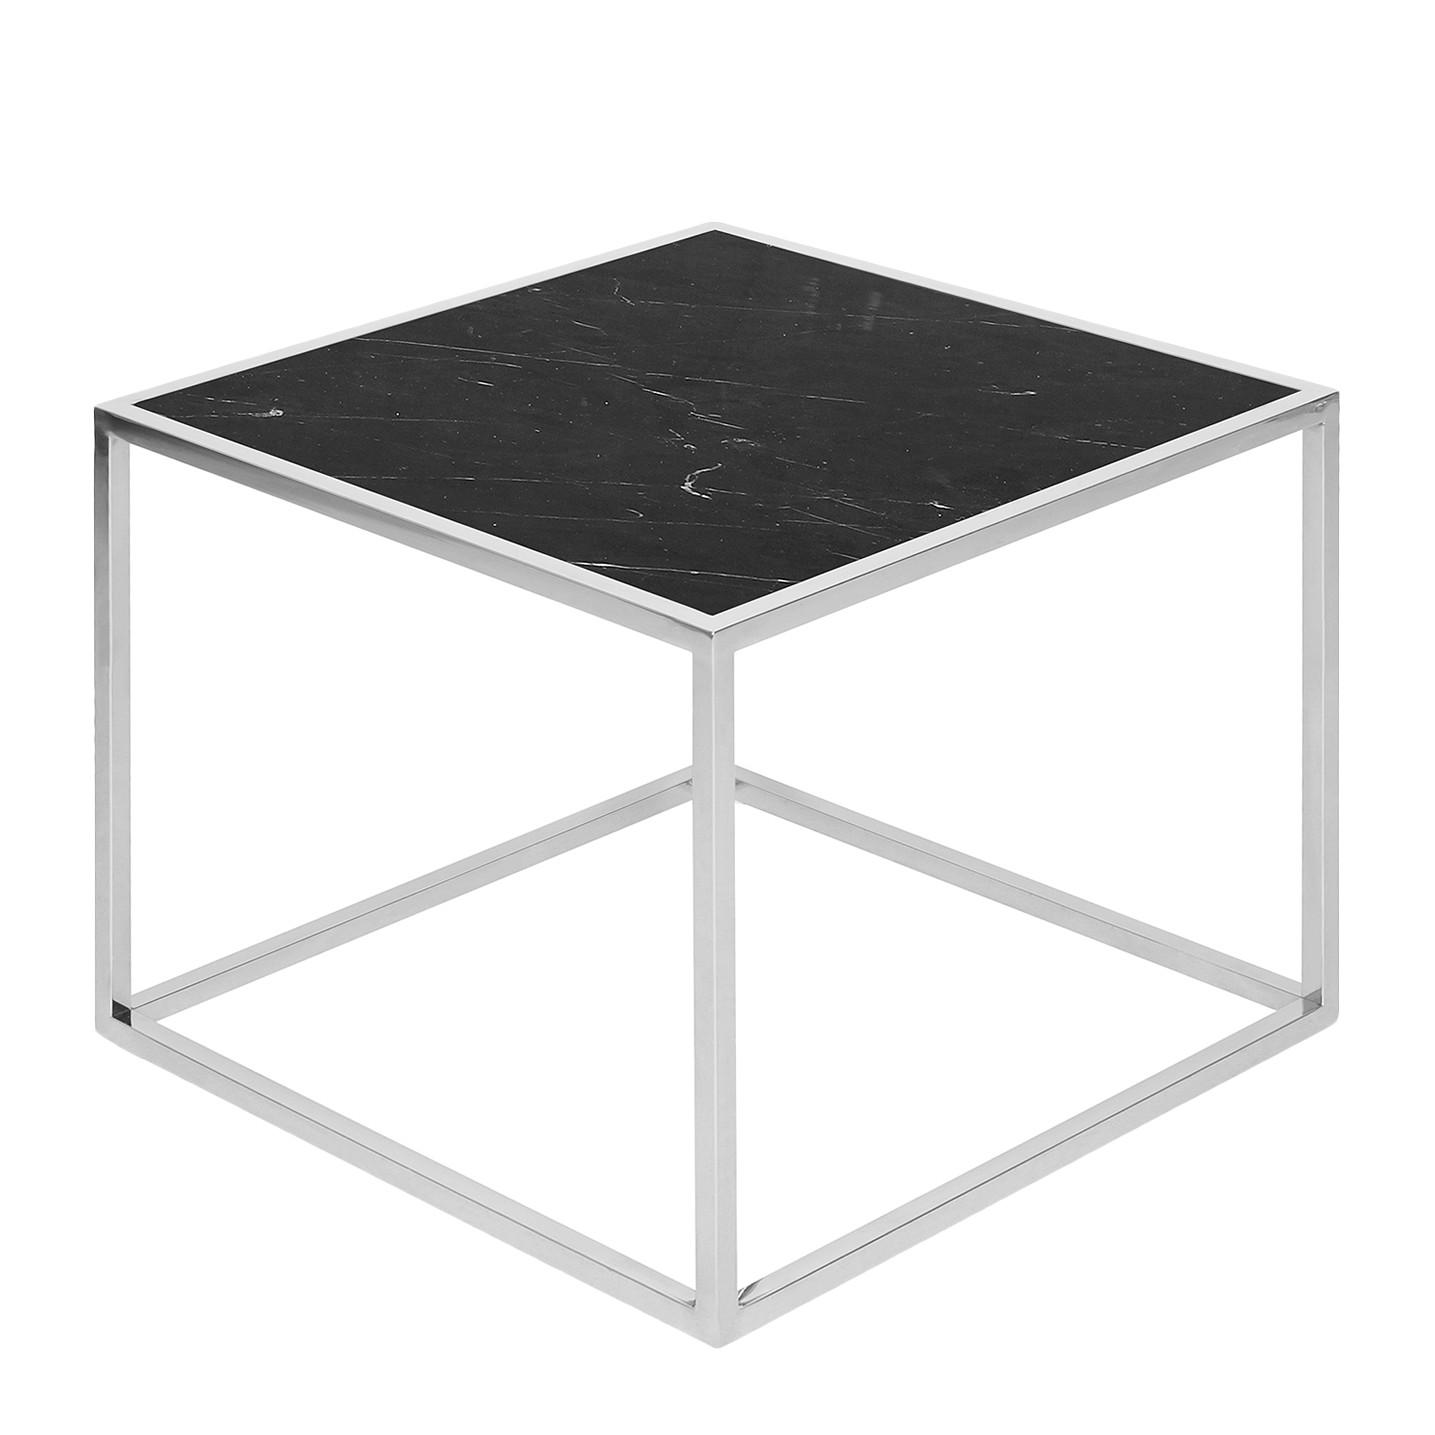 Beistelltisch Jacob - Marmor / Edelstahl - Schwarz / Silber